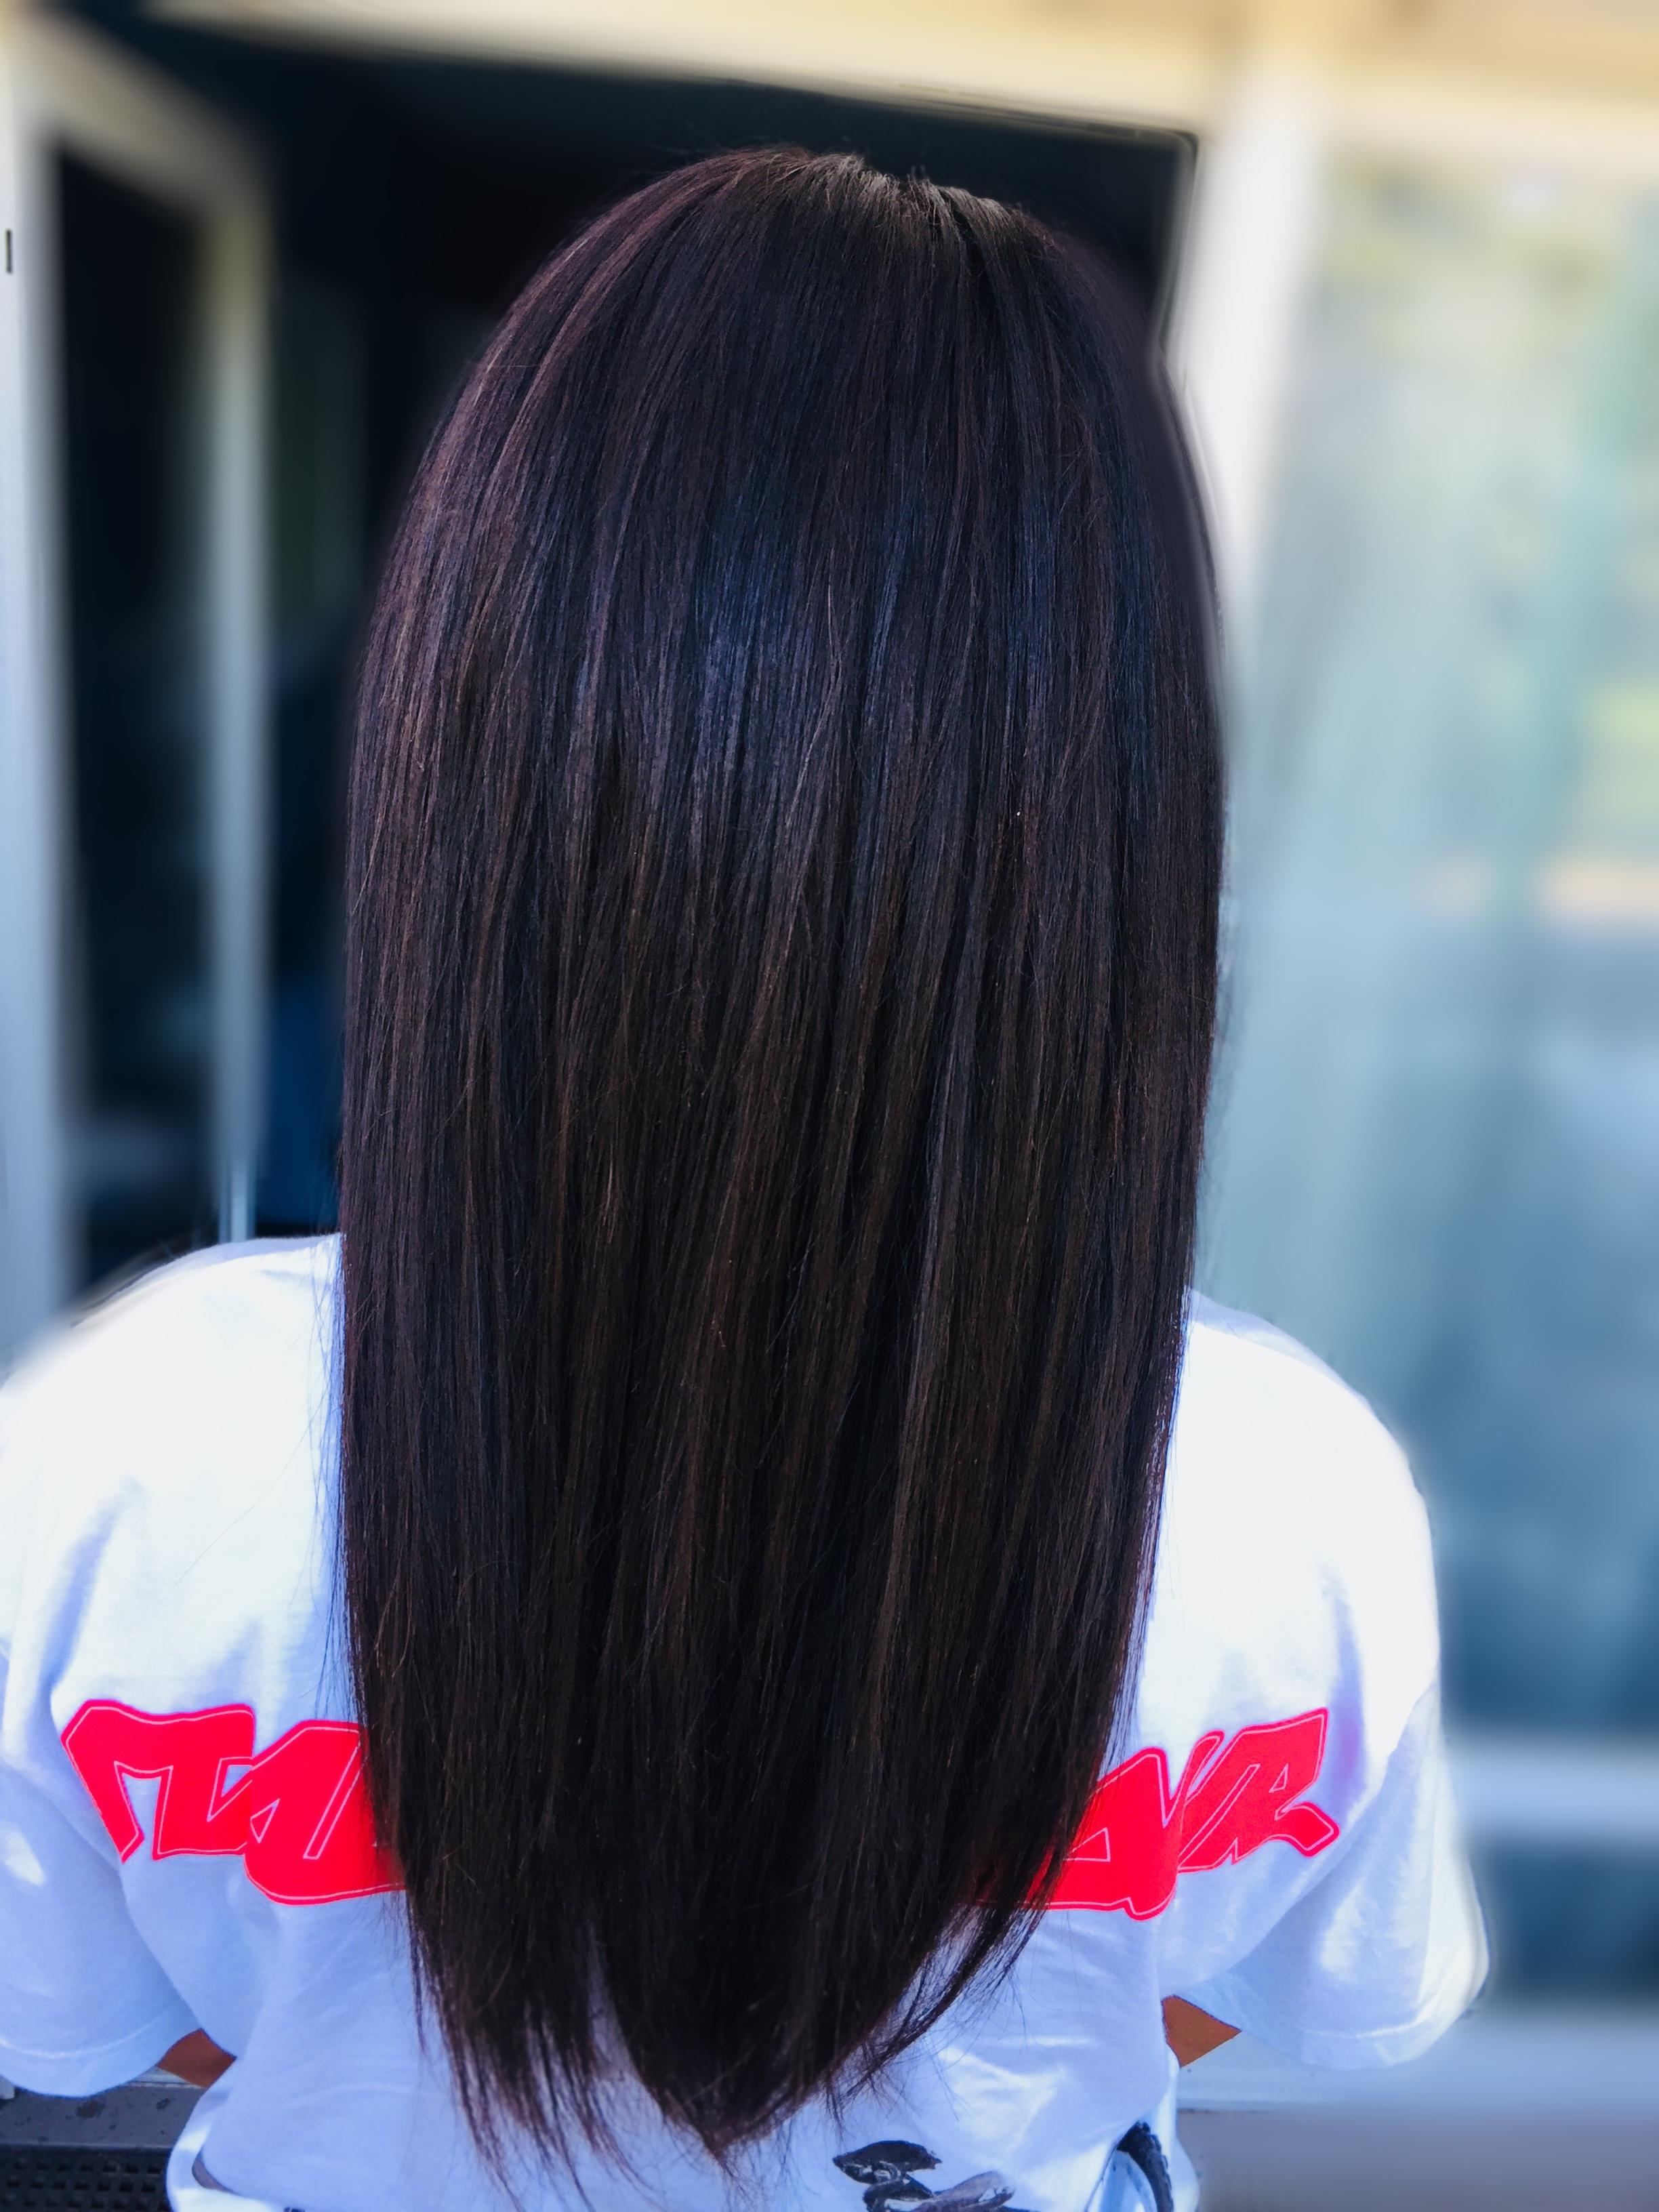 salon de coiffure afro tresse tresses box braids crochet braids vanilles tissages paris 75 77 78 91 92 93 94 95 FNRNLYHU